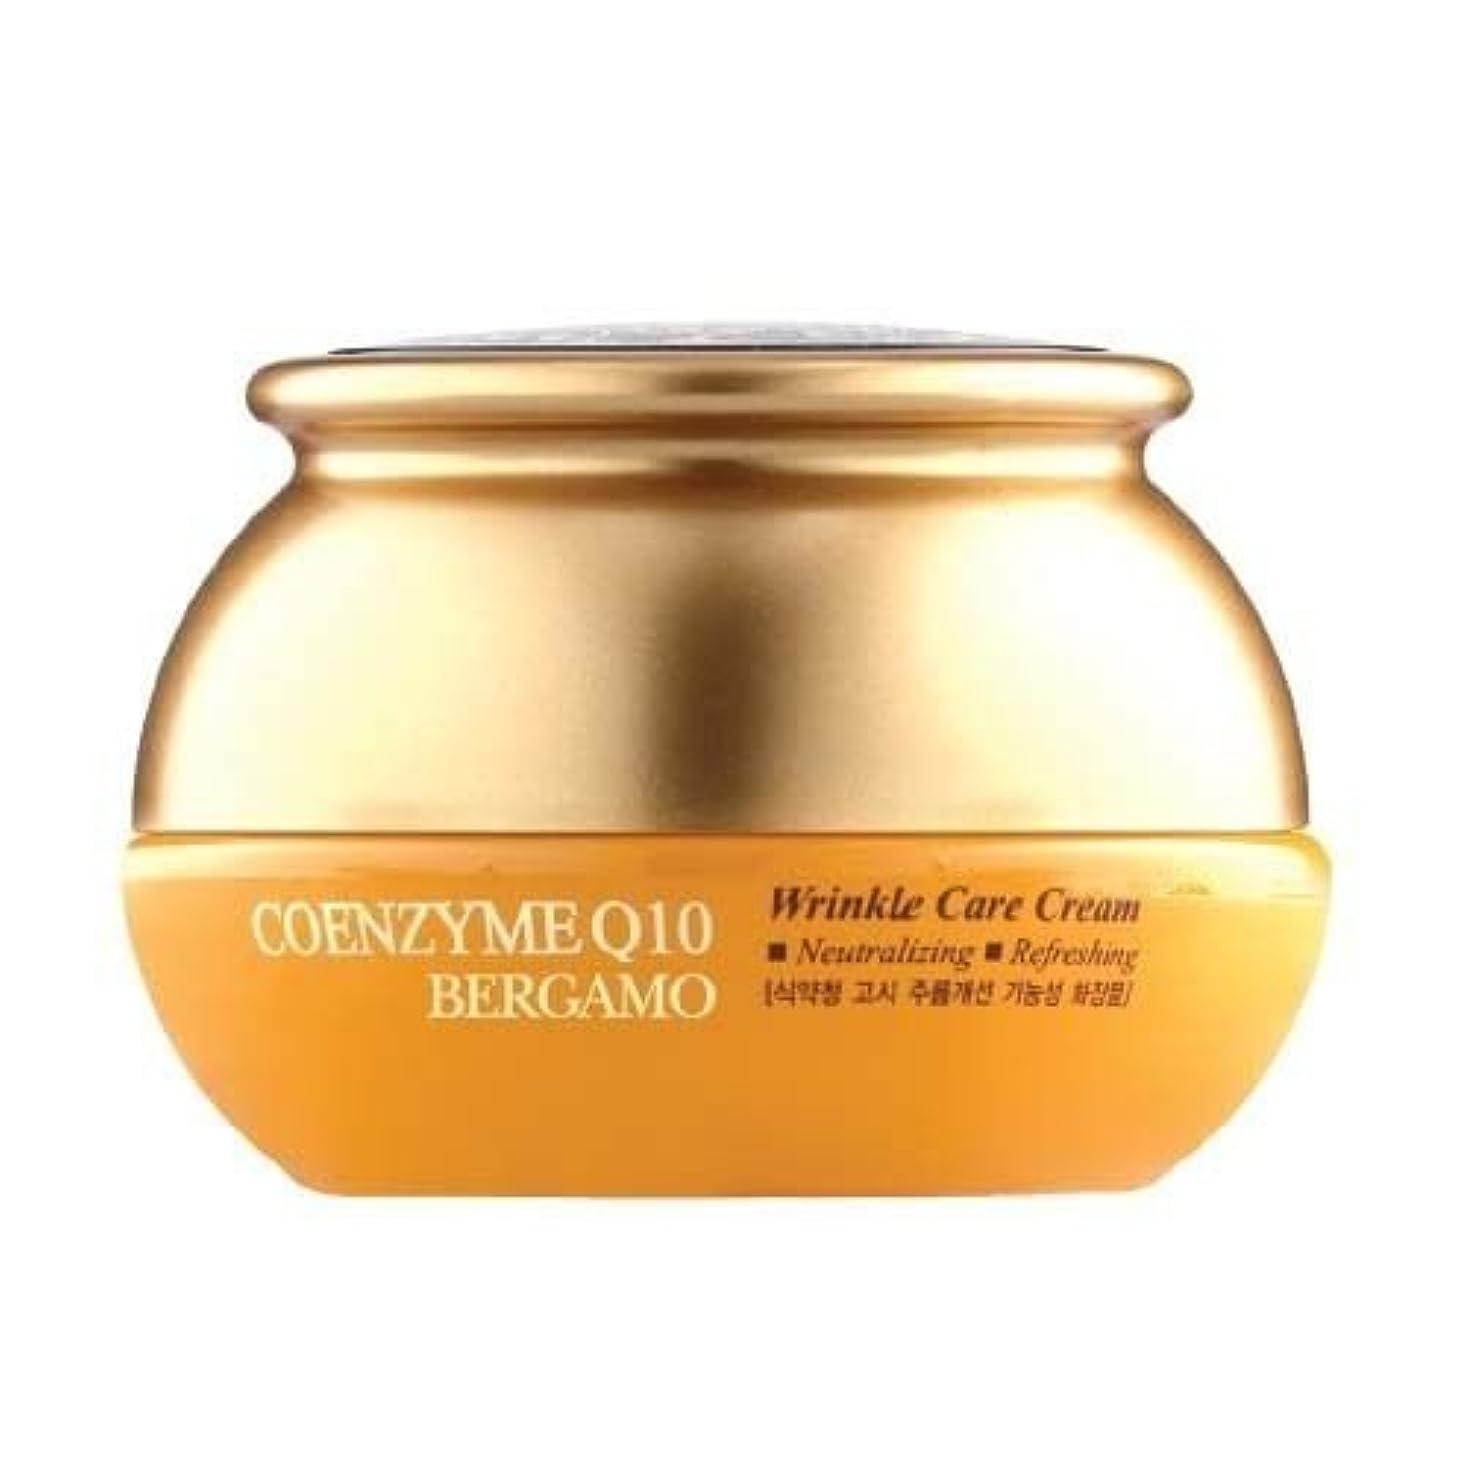 ブロックする現代マスタードベルガモ[韓国コスメBergamo]Coenzyme Q10 Wrinkle Care Cream コエンザイムQ10リンクルケアクリーム50ml しわ管理 [並行輸入品]